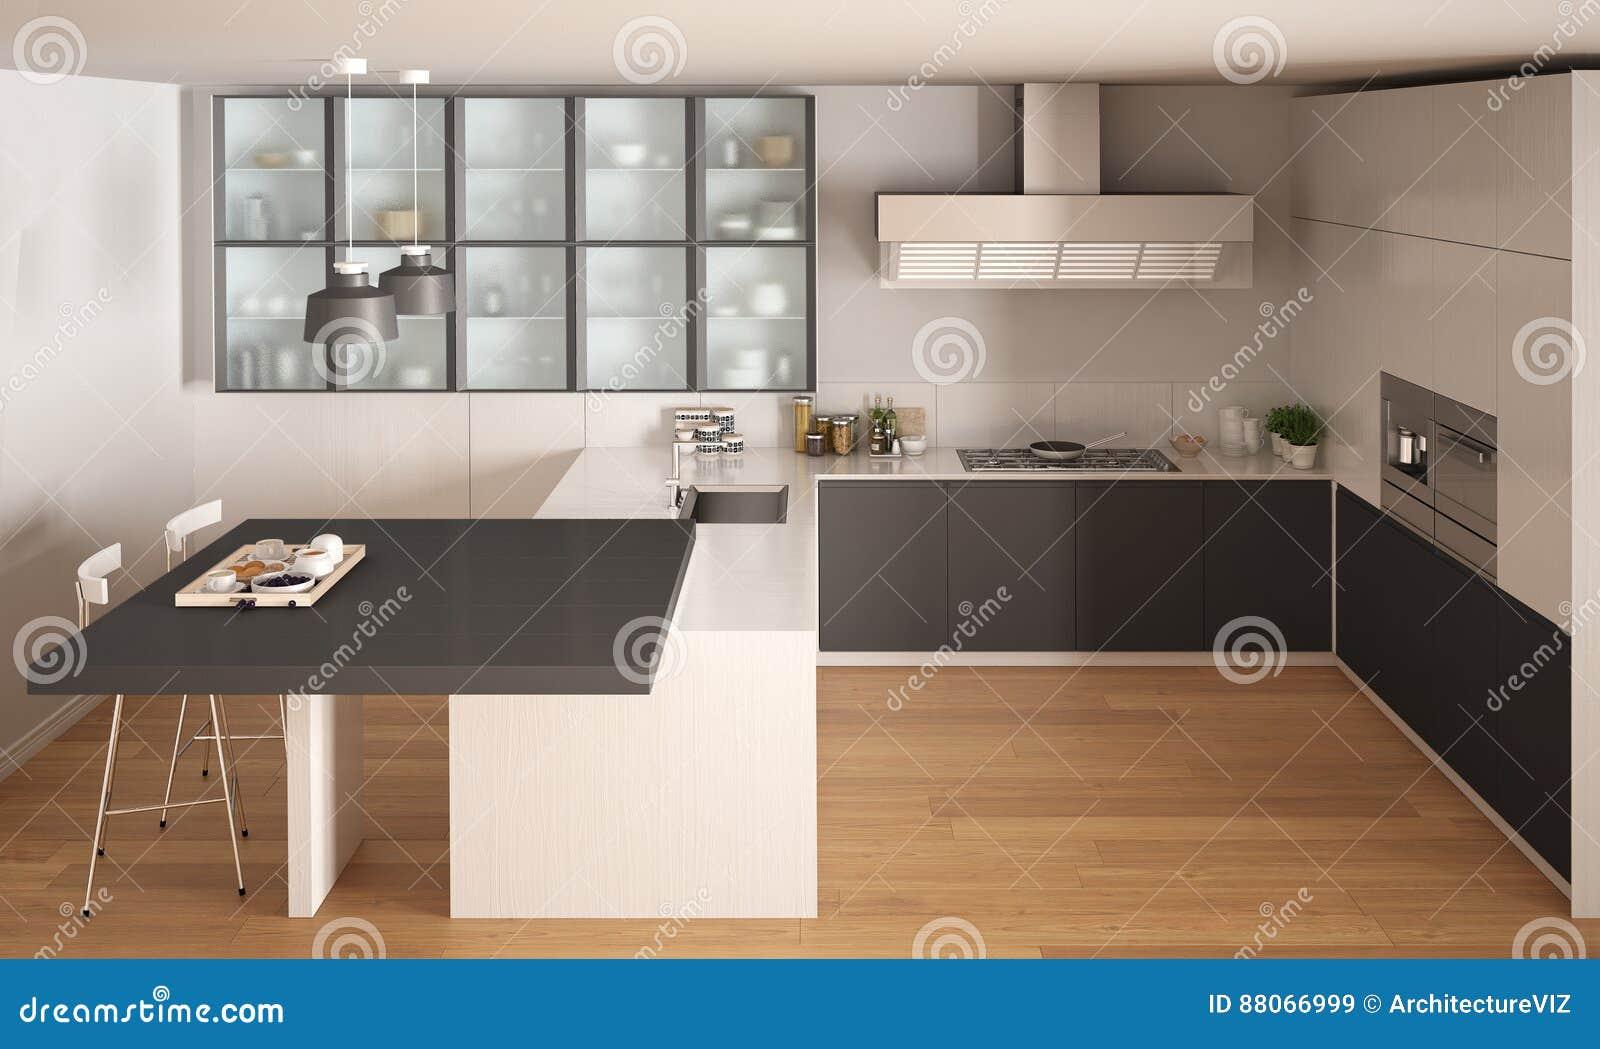 Cucina Bianca E Ciliegio cucina classica bianca e grigia